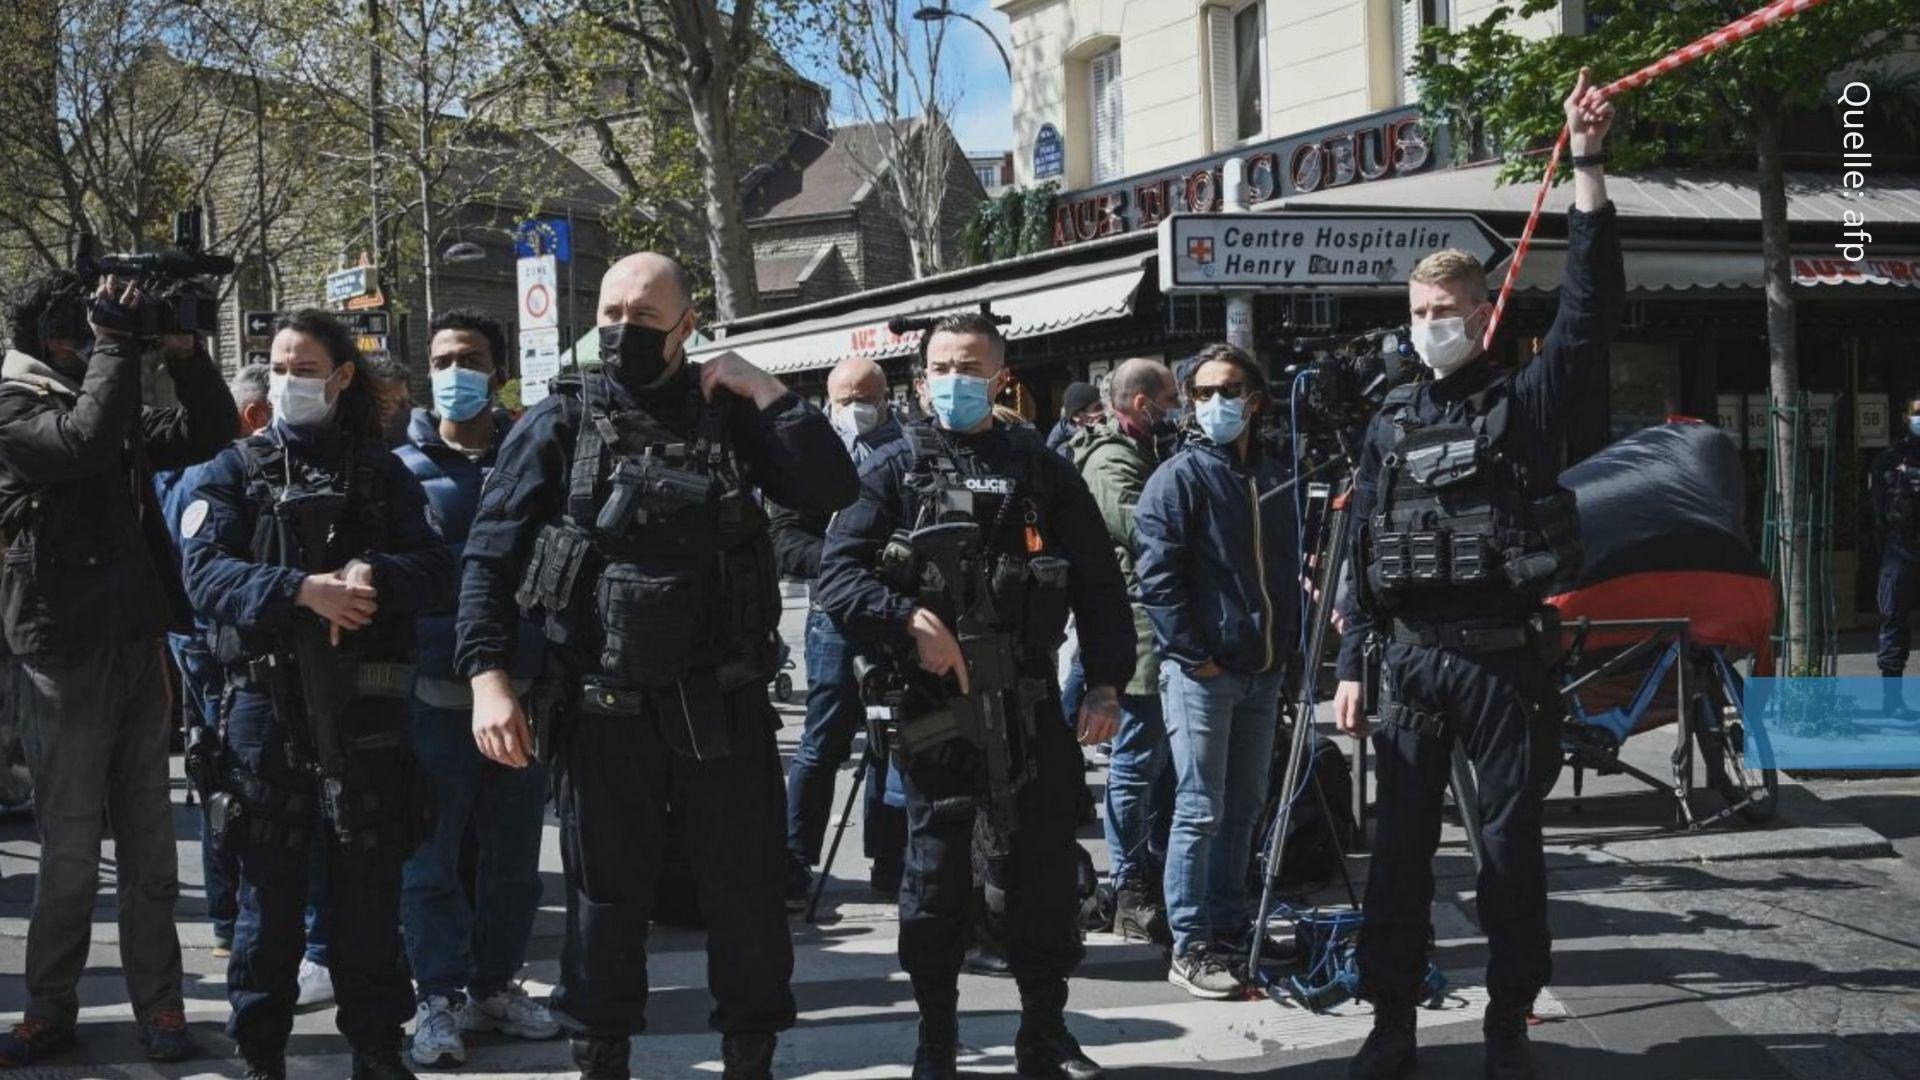 Schüsse in Paris: Feuerwehr bestätigt Todesfall – Schütze offenbar auf der Flucht